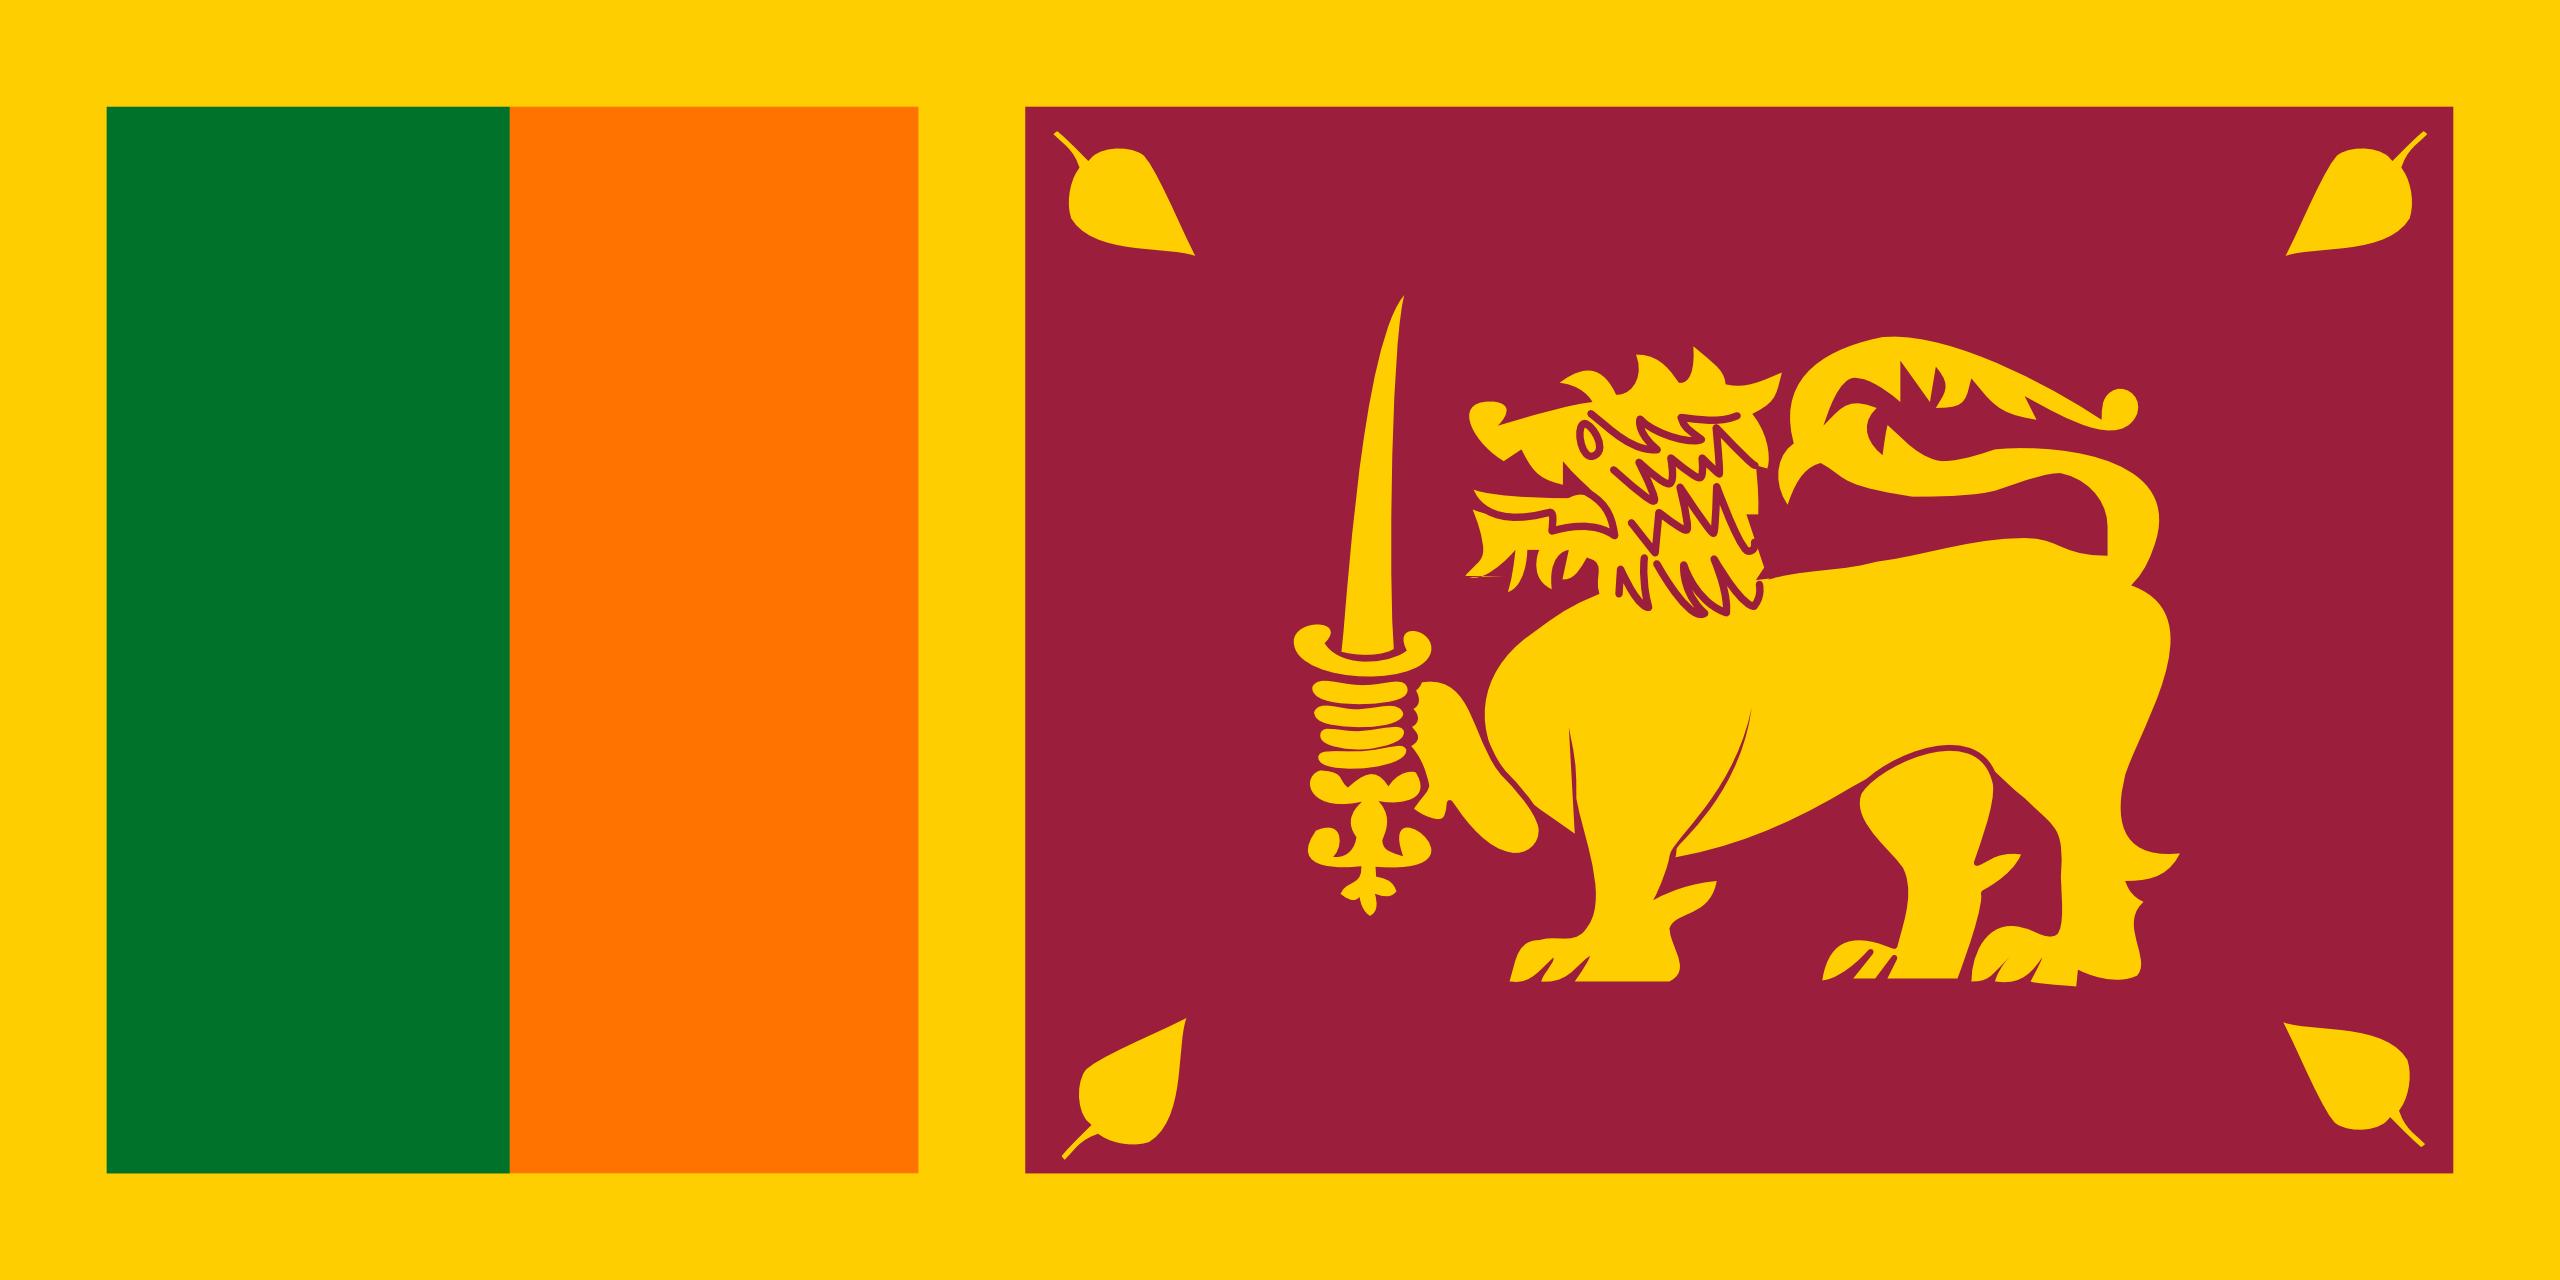 Sri lanka, pays, emblème, logo, symbole - Fonds d'écran HD - Professor-falken.com